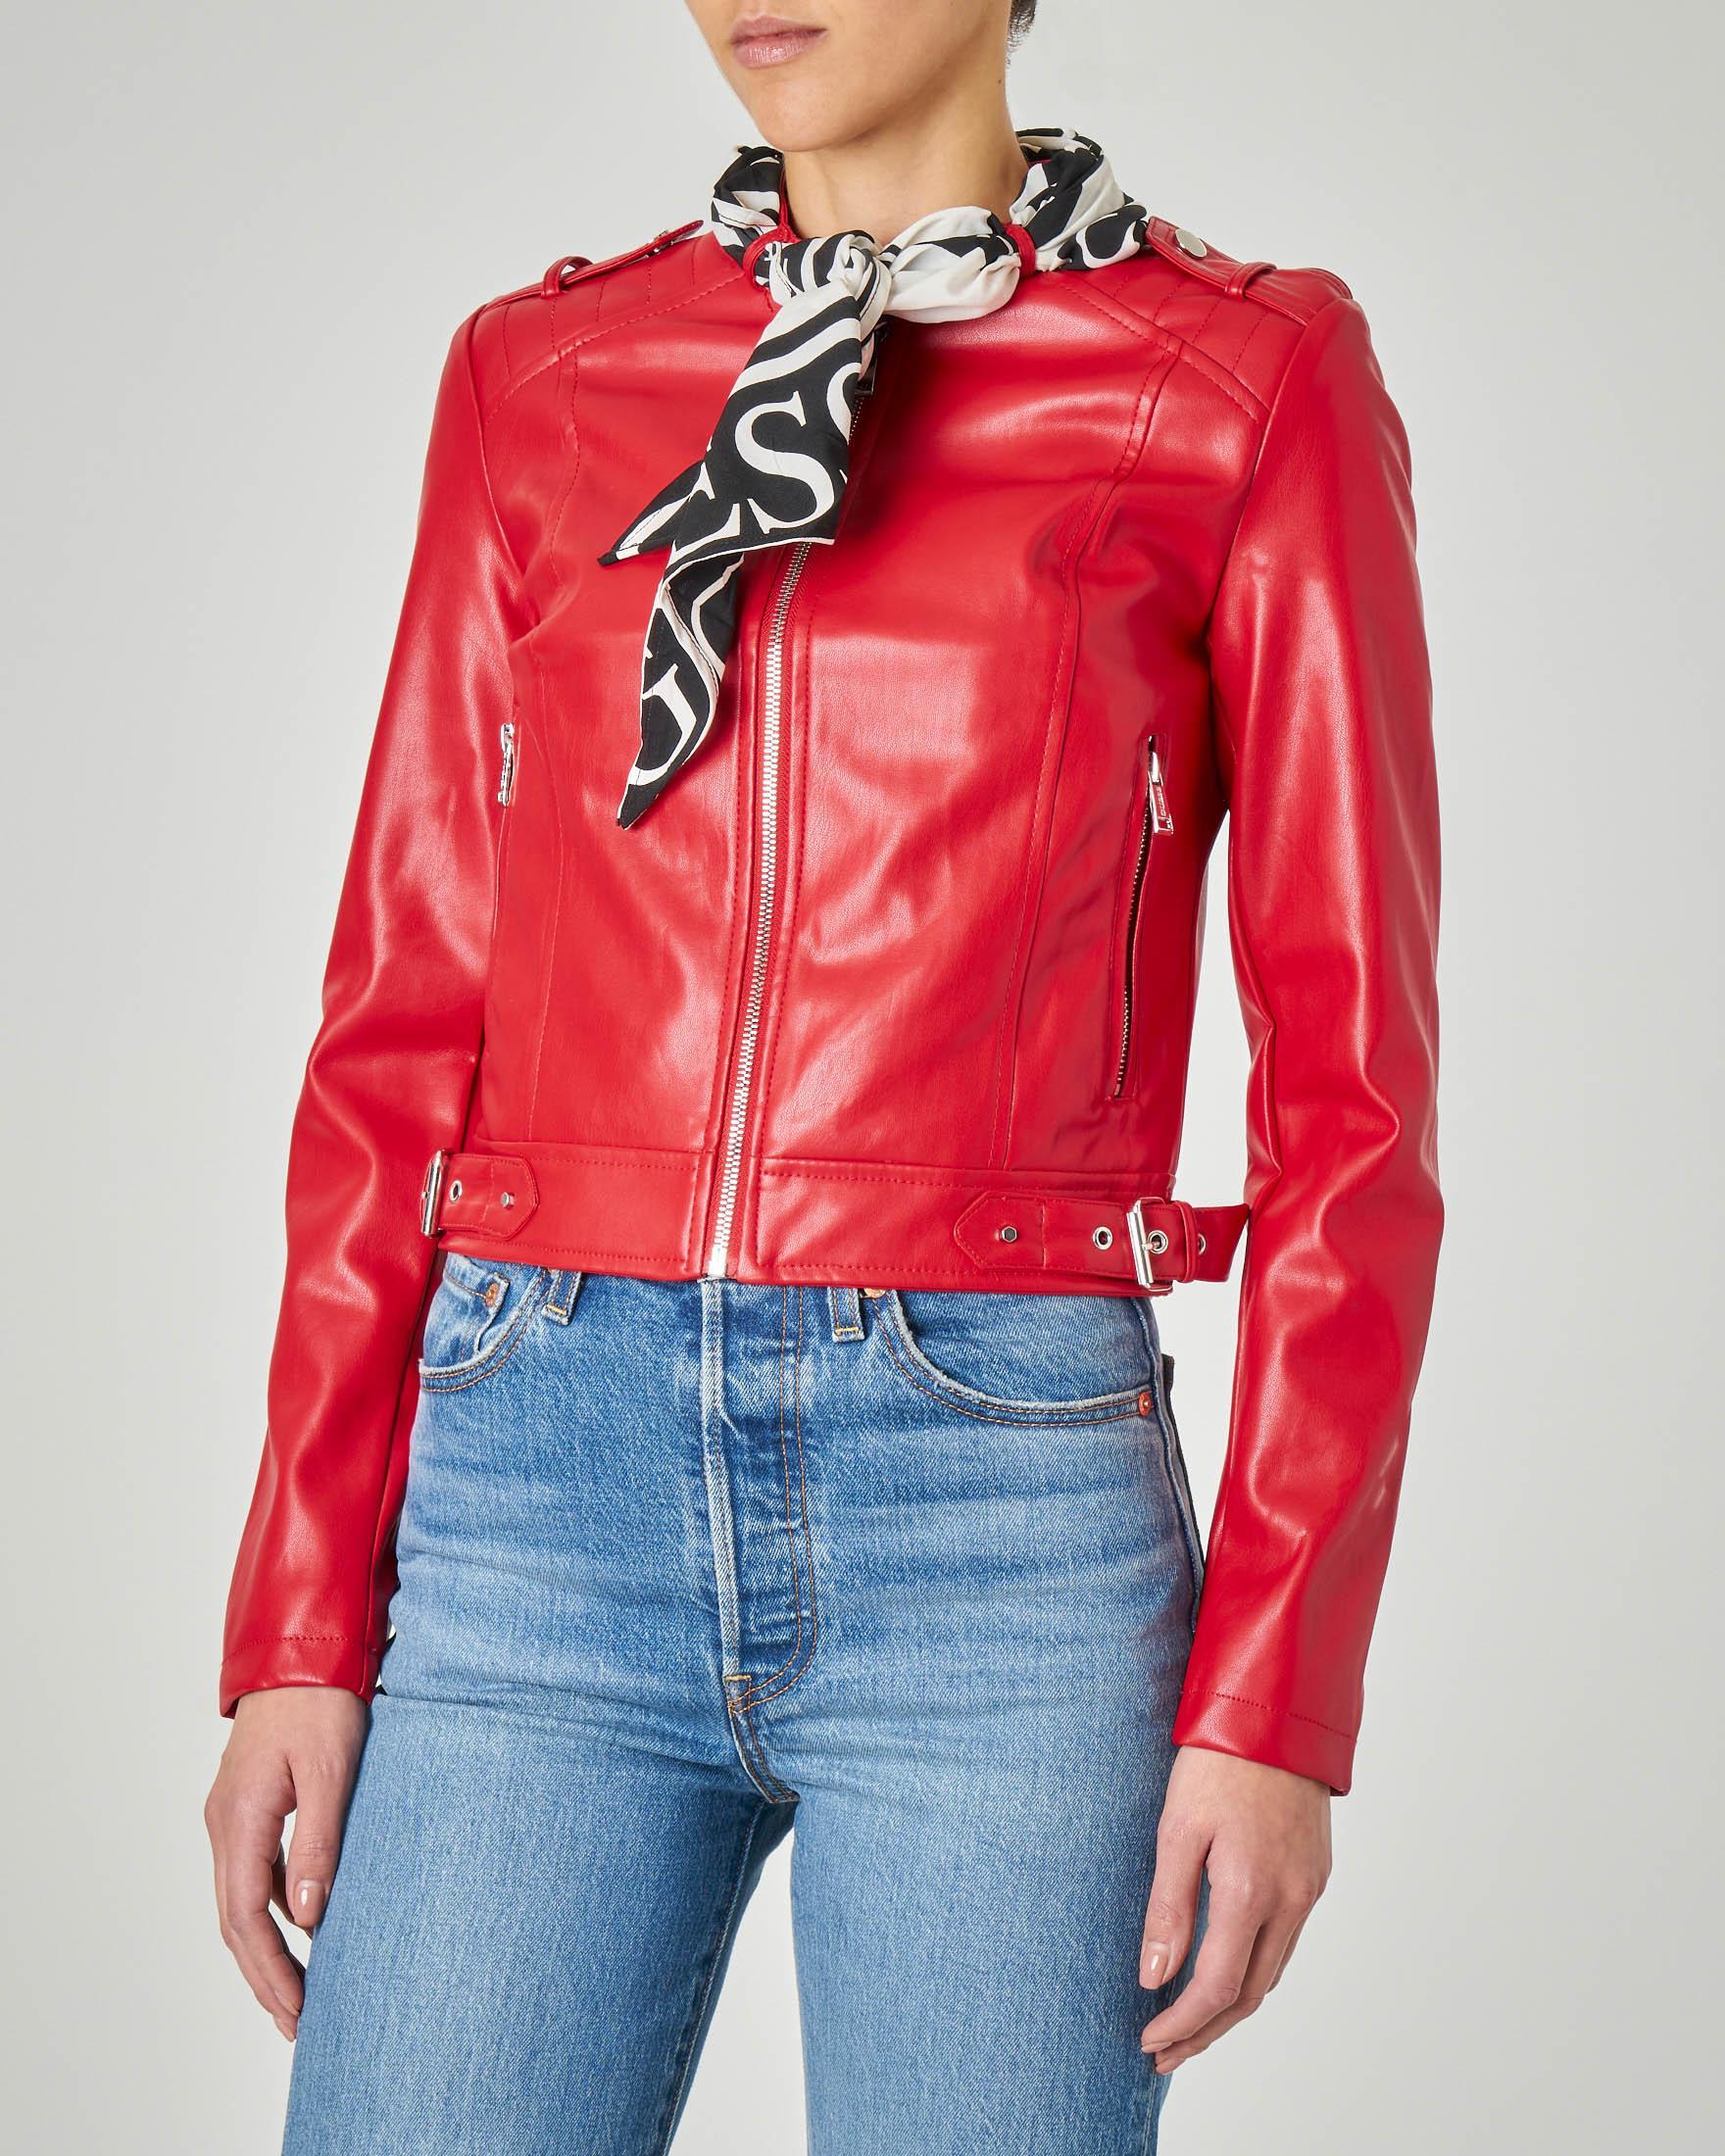 Chiodo in ecopelle rossa con foulard logato bianco e nero al collo non staccabile